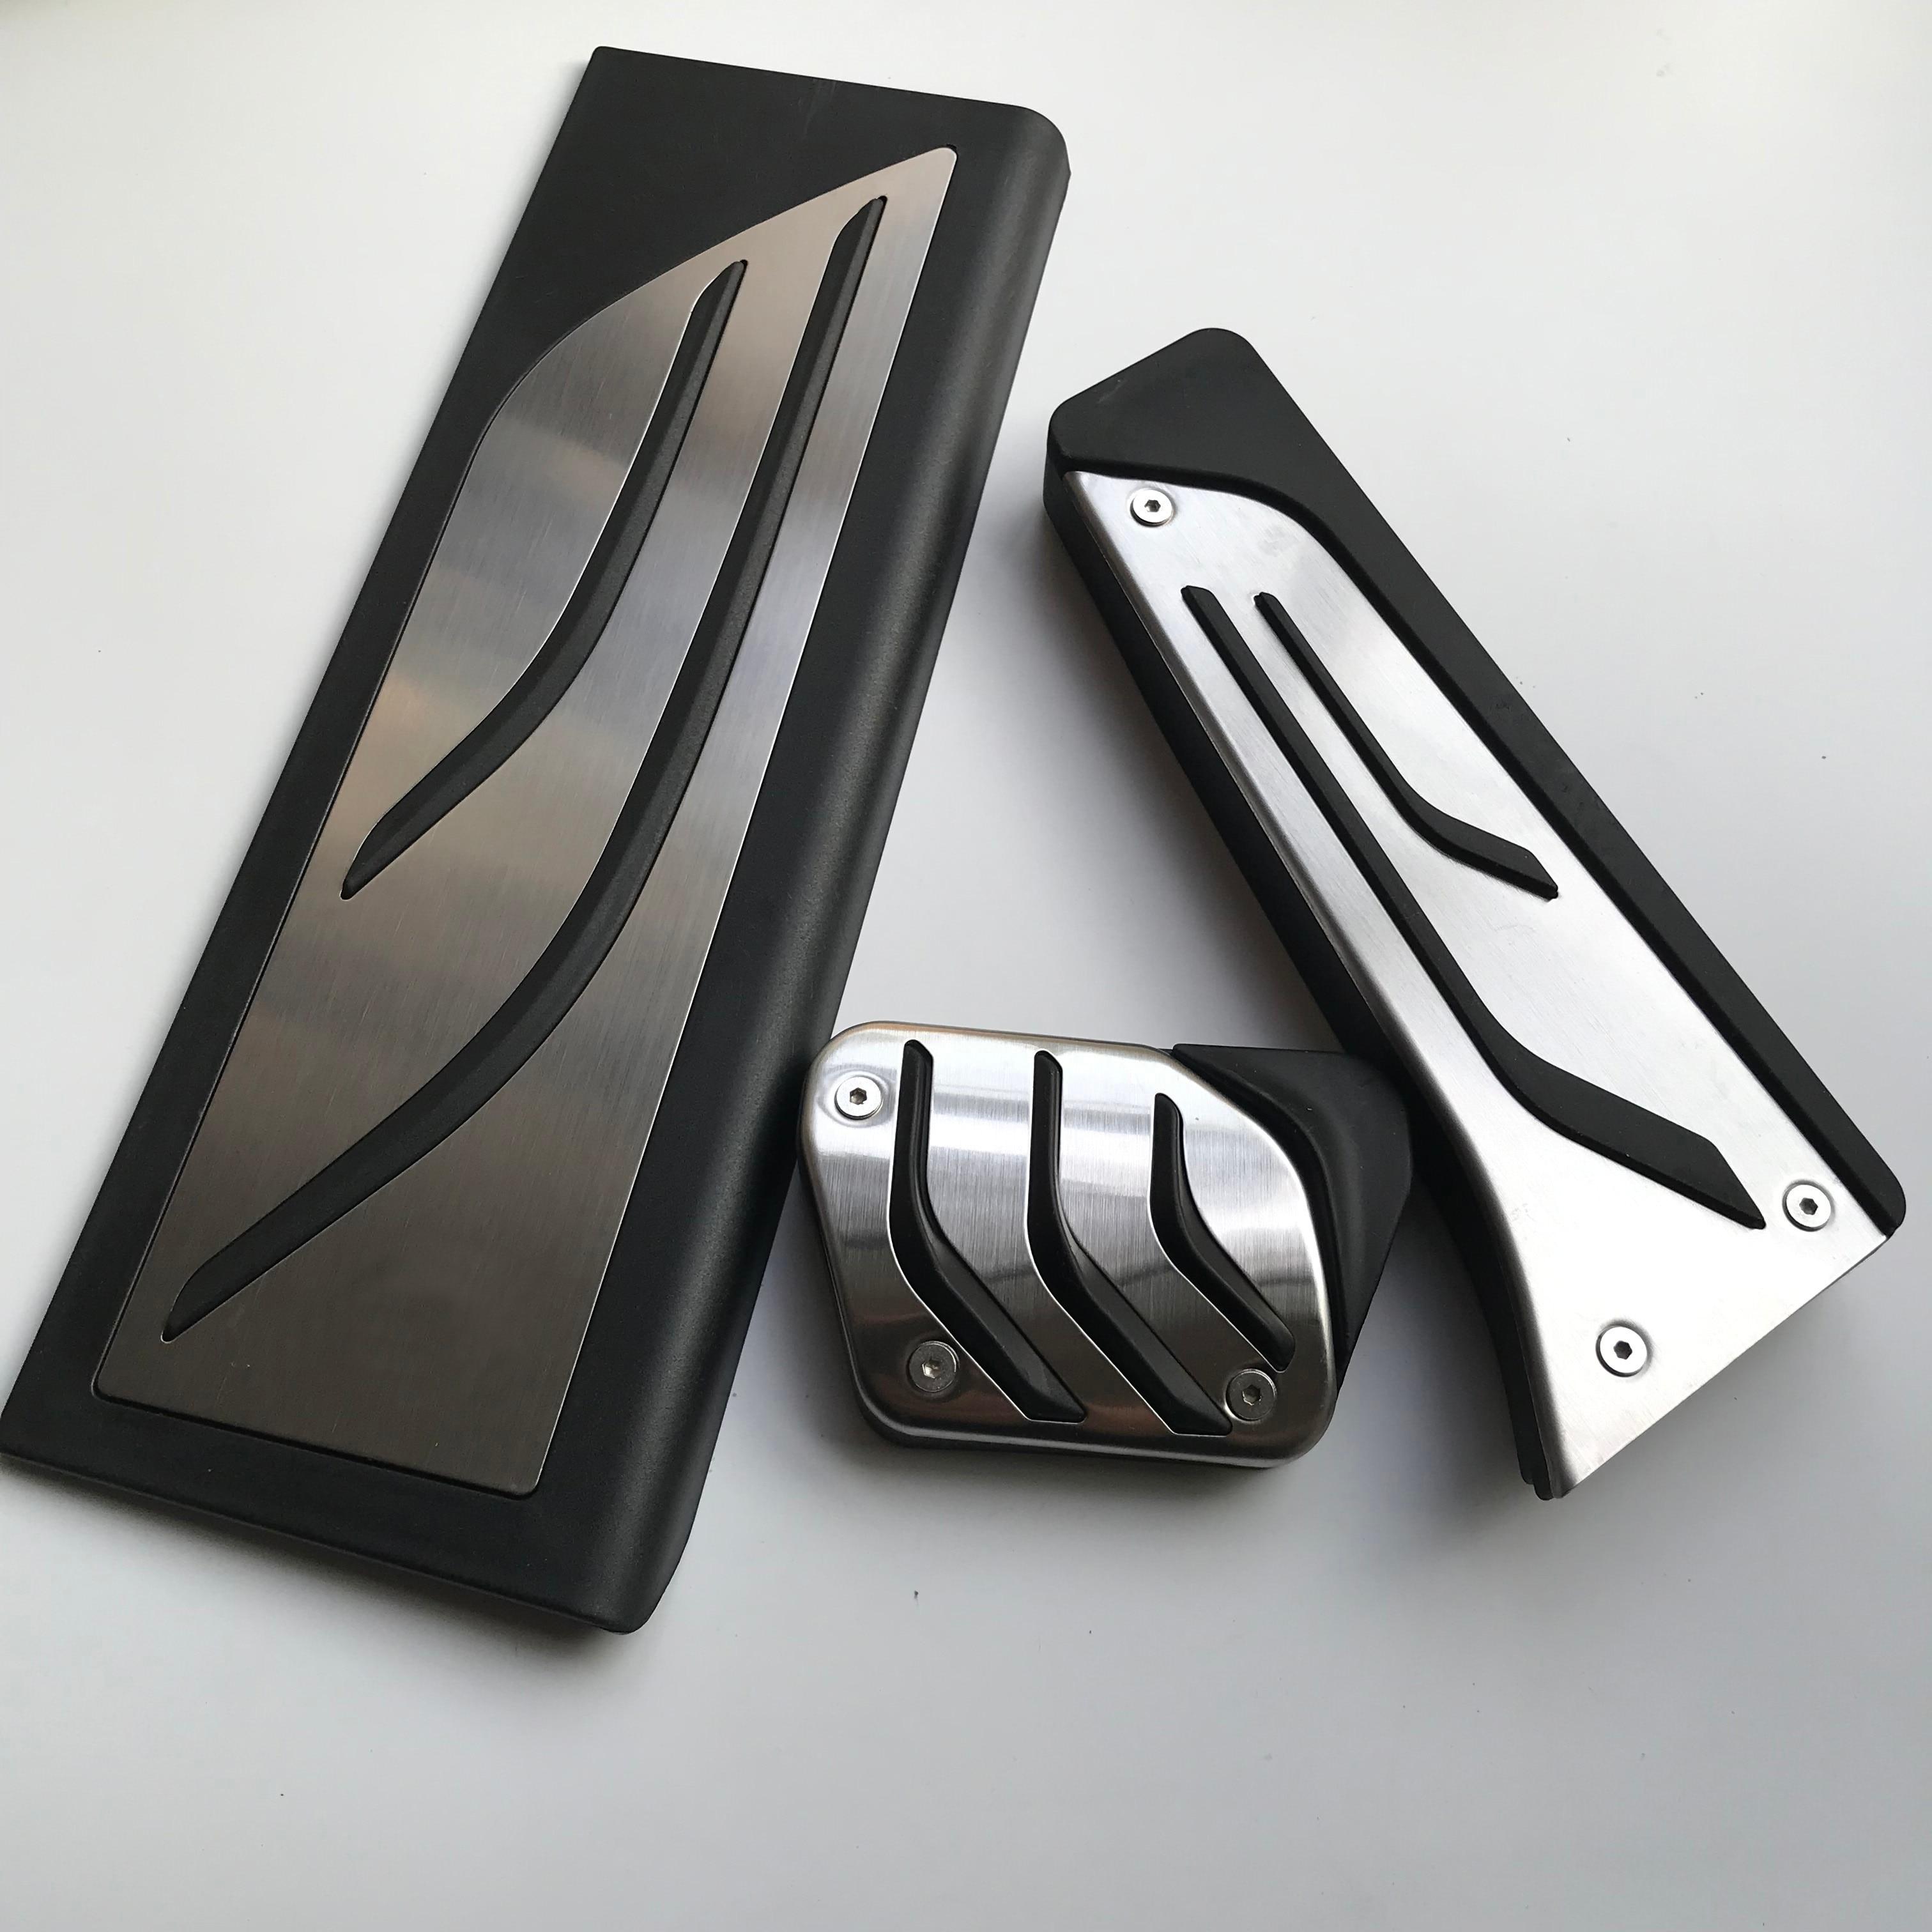 Педаль газового тормоза для BMW X3 G01 X4 G02 2019 2020